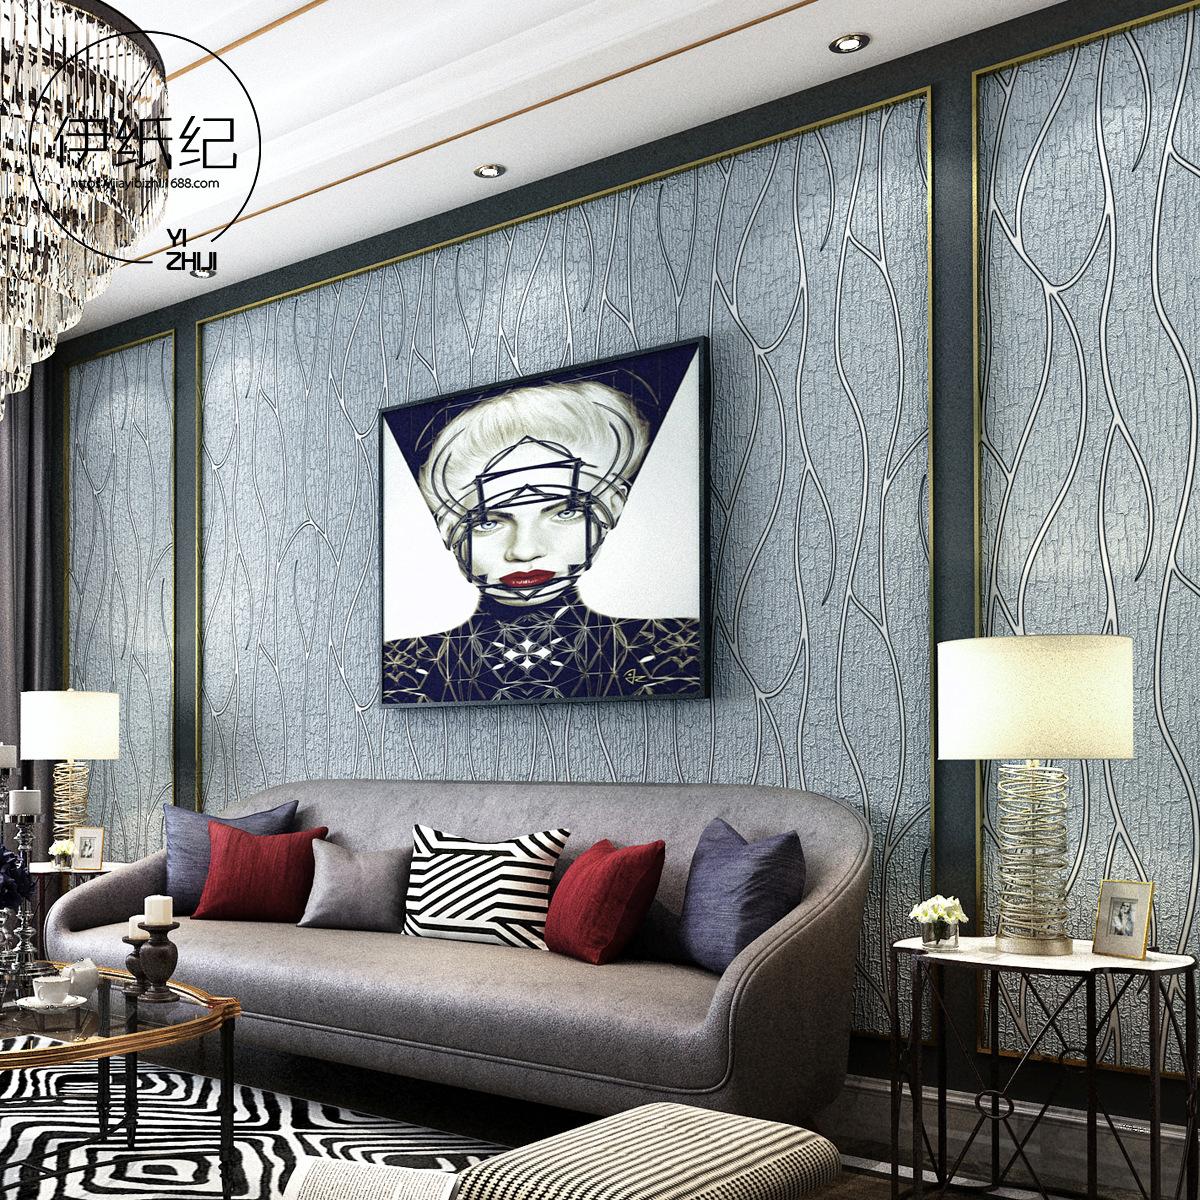 床头壁纸贴纸墙壁贴北欧装饰小清新简约学生复古奶茶店寝室饭店